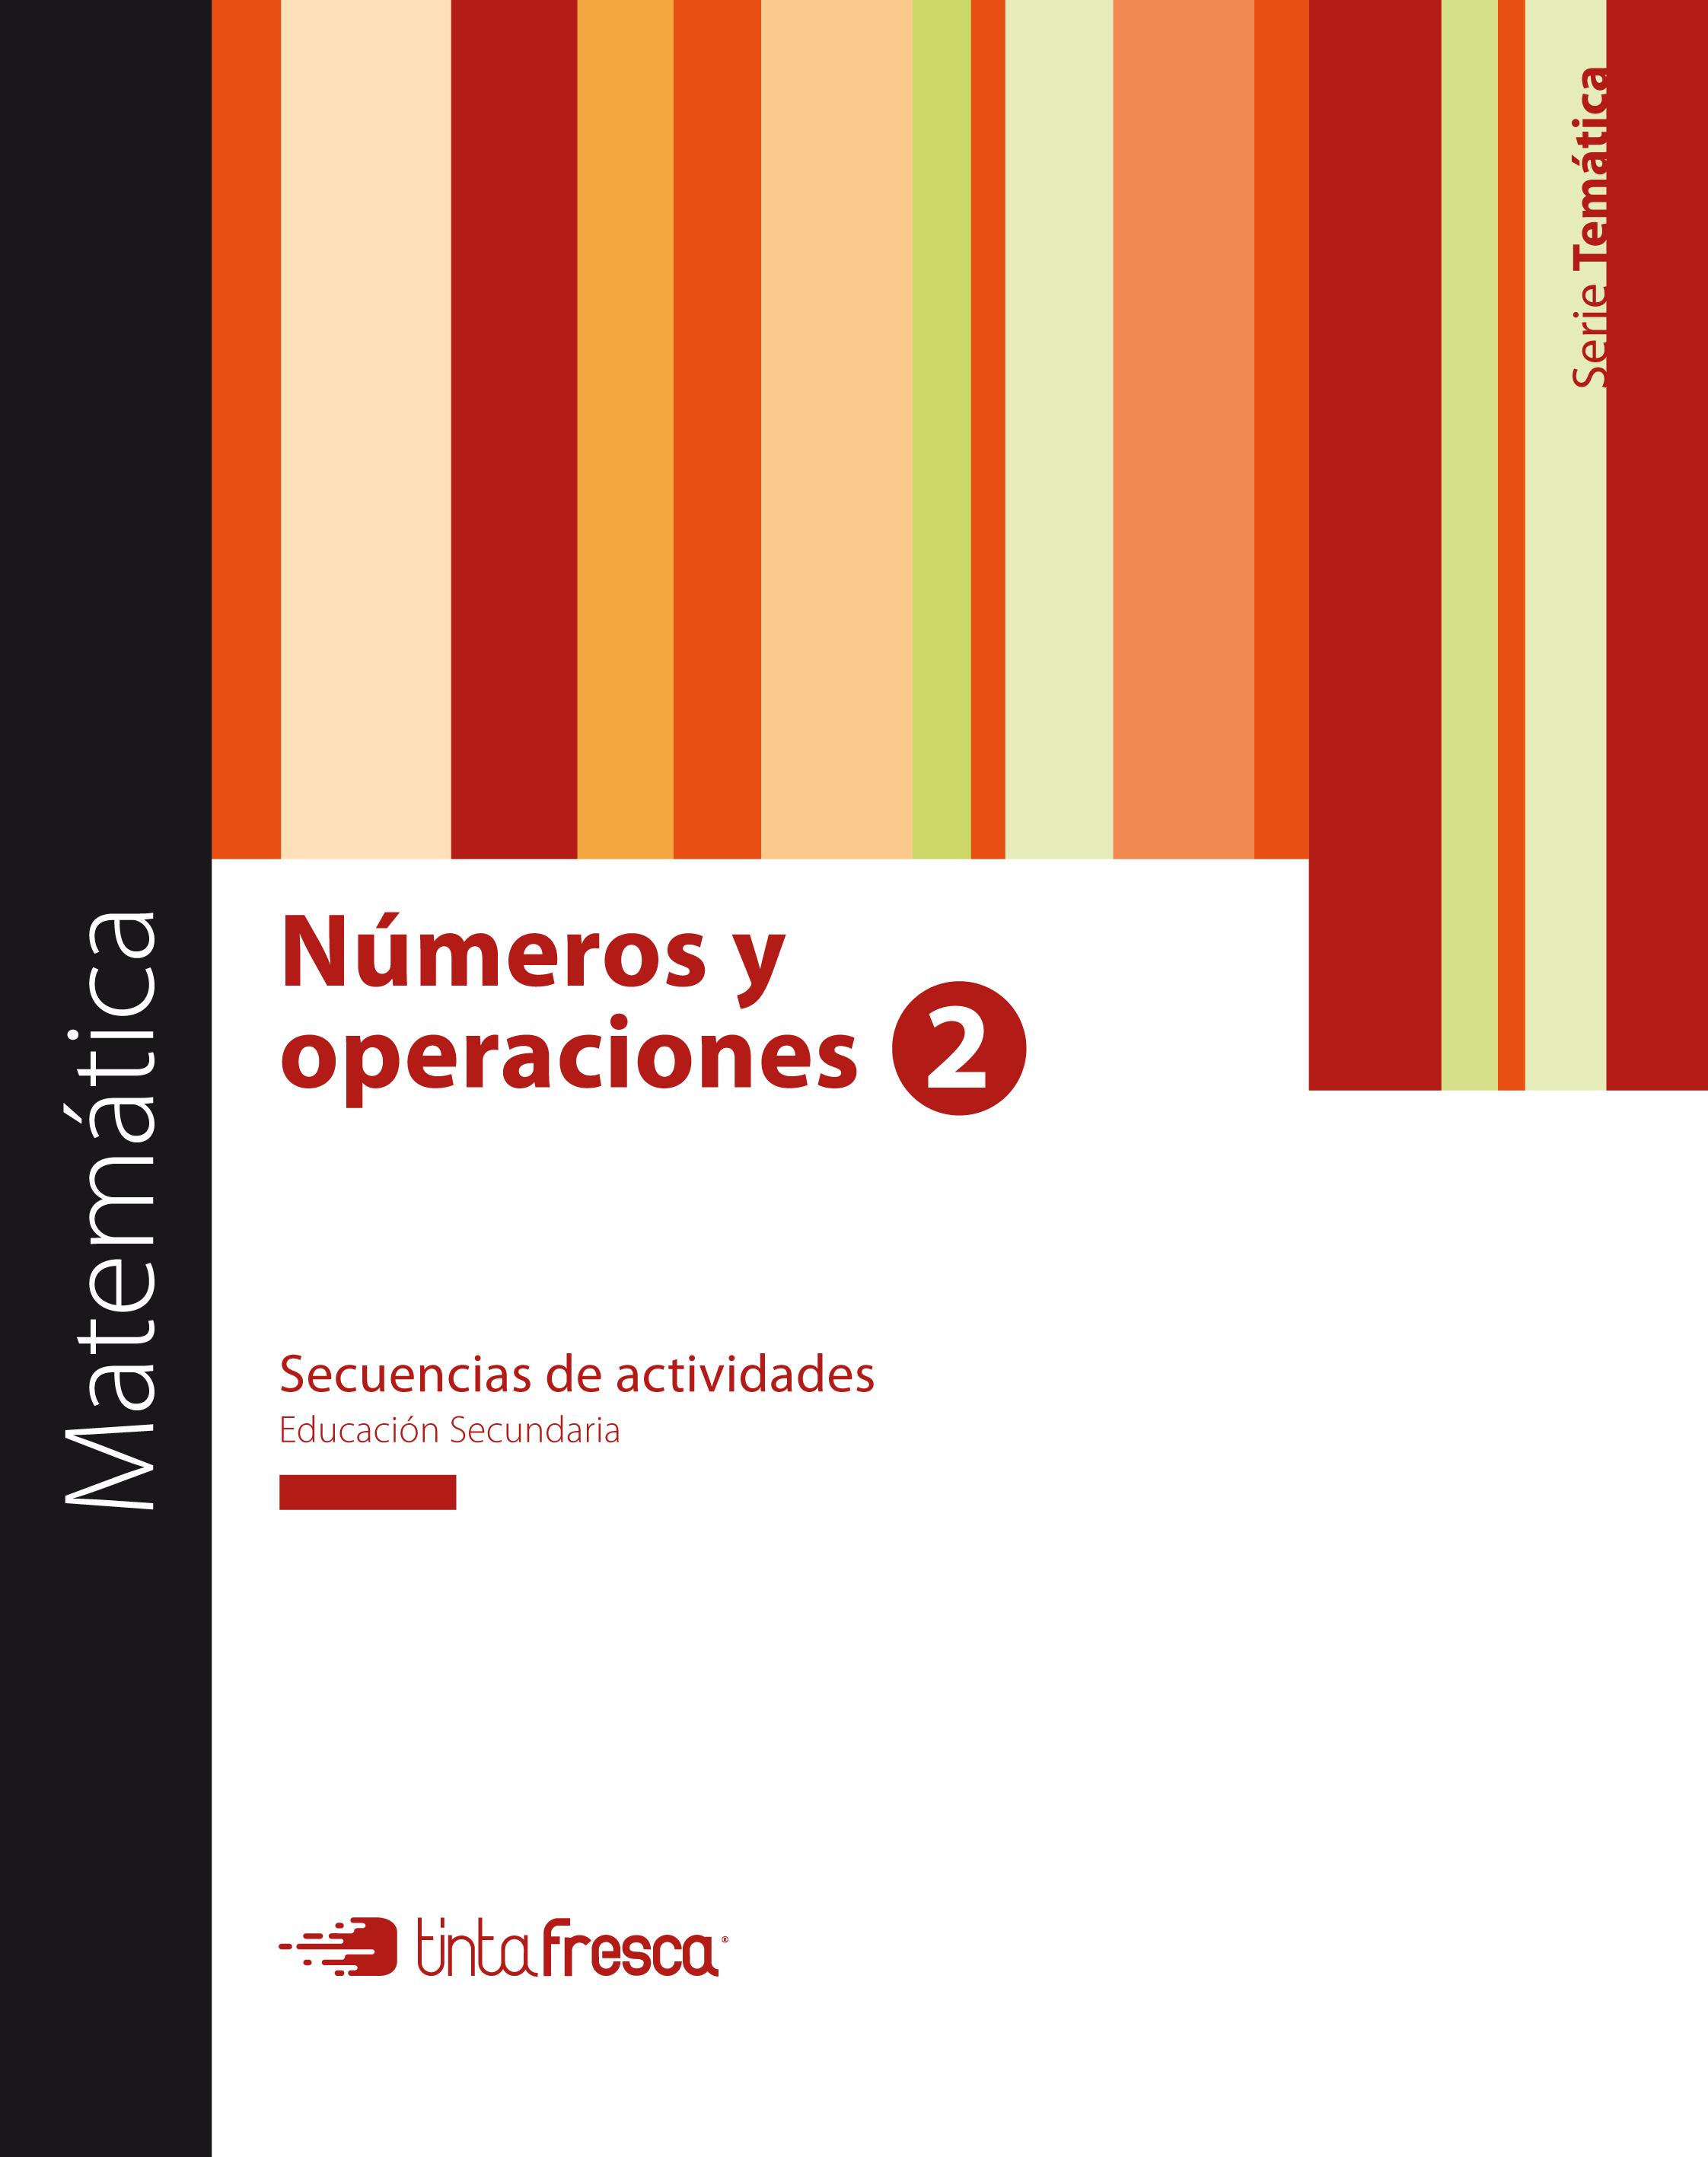 Números y operaciones 2